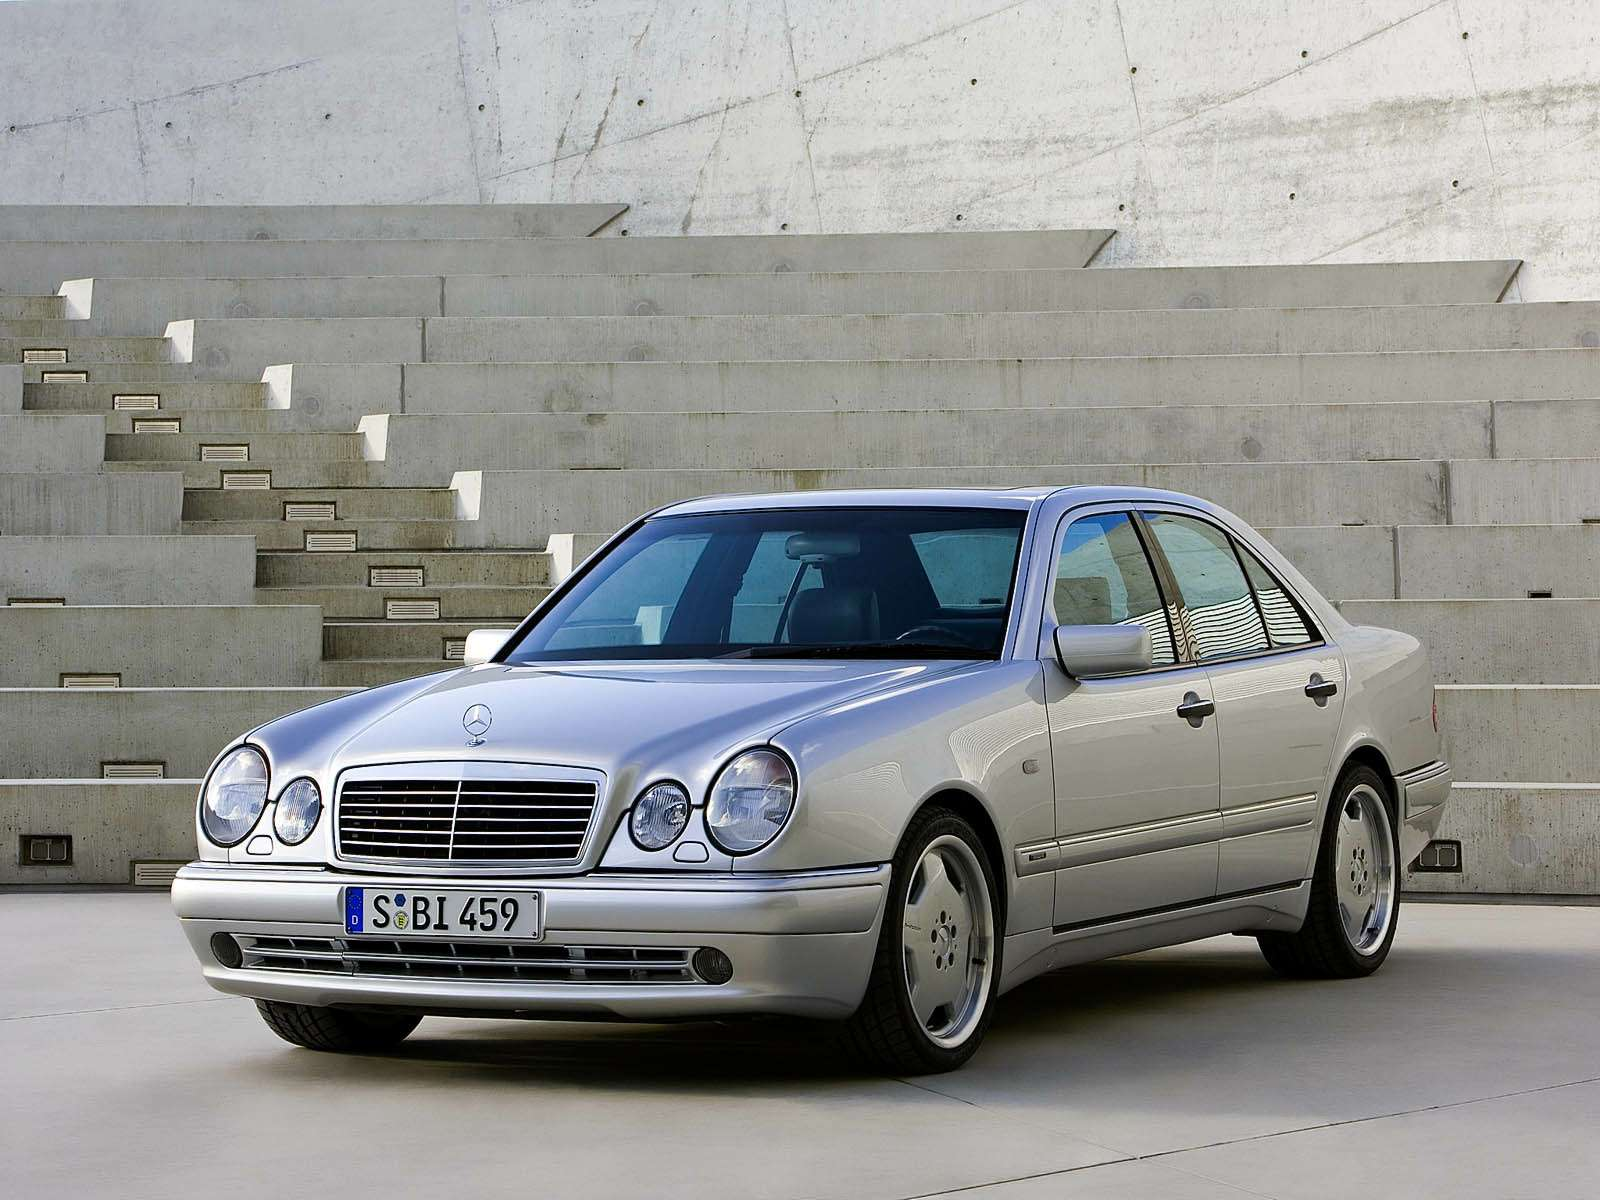 Премиальный автомобиль за200 тысяч рублей: респект изпрошлого— фото 611053